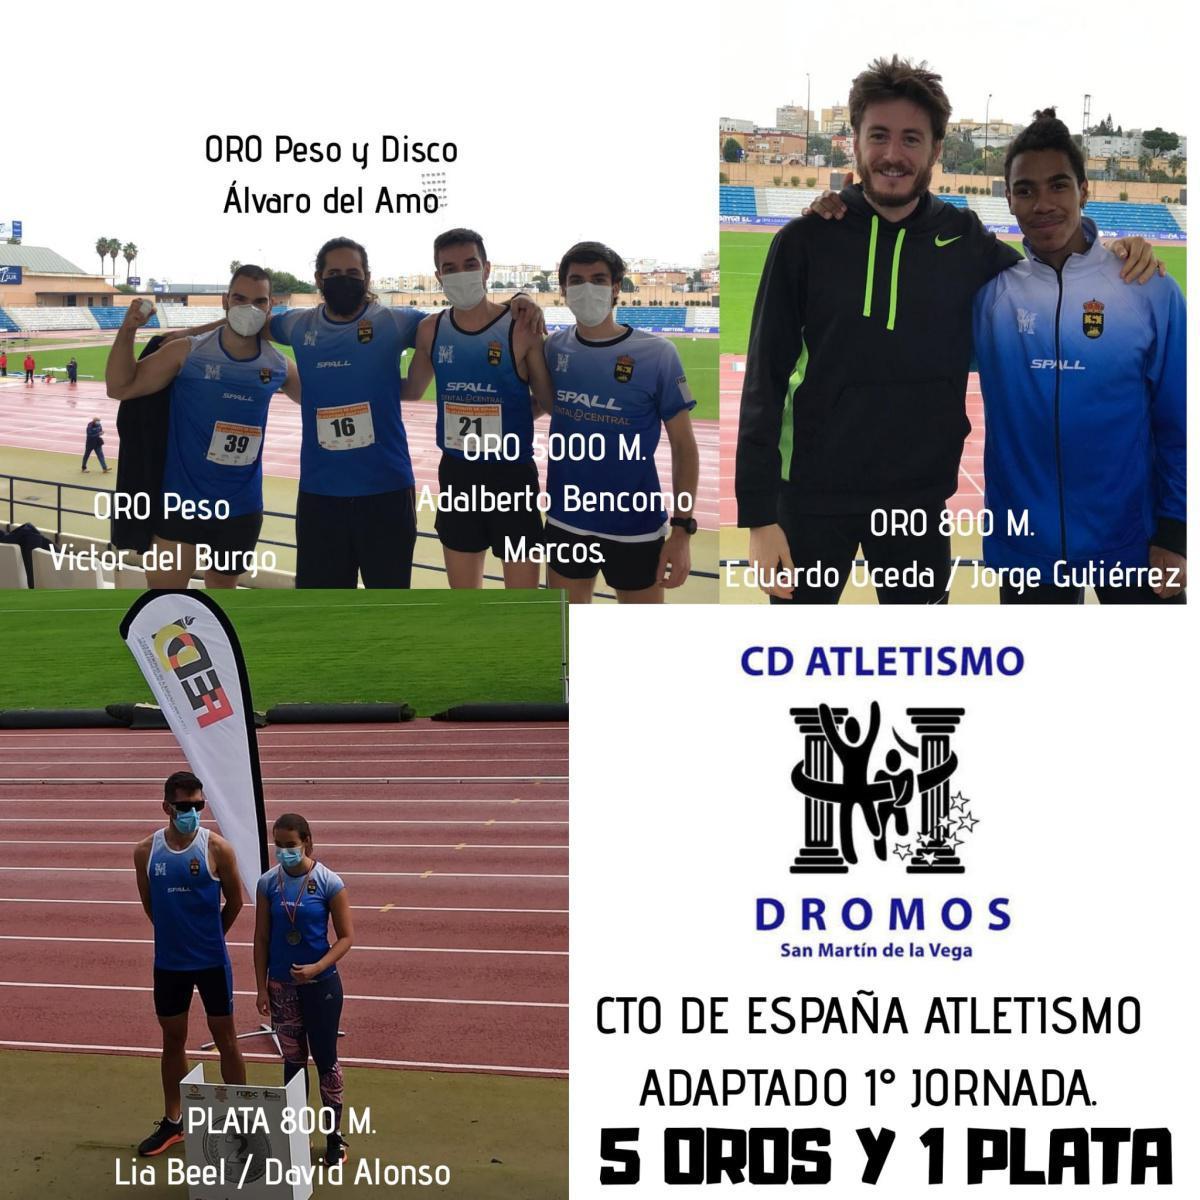 Espectacular actuación de los atletas del CD Dromos en San Fernando, Cadiz